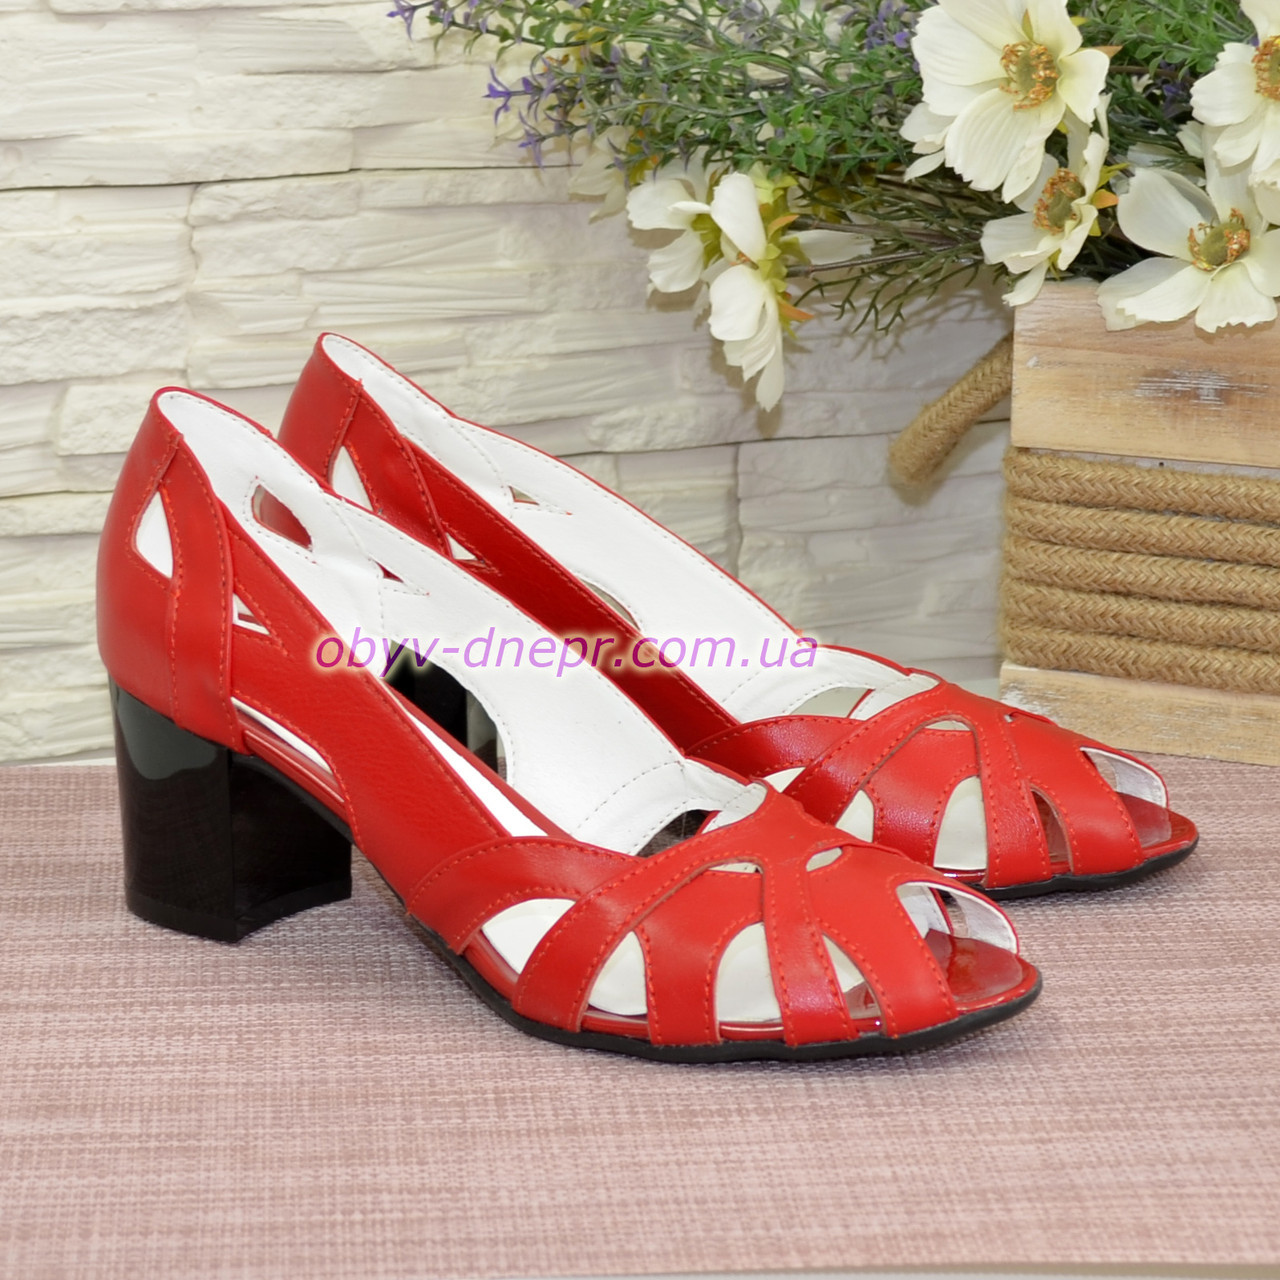 Красные кожаные босоножки женские на каблуке. 38 размер